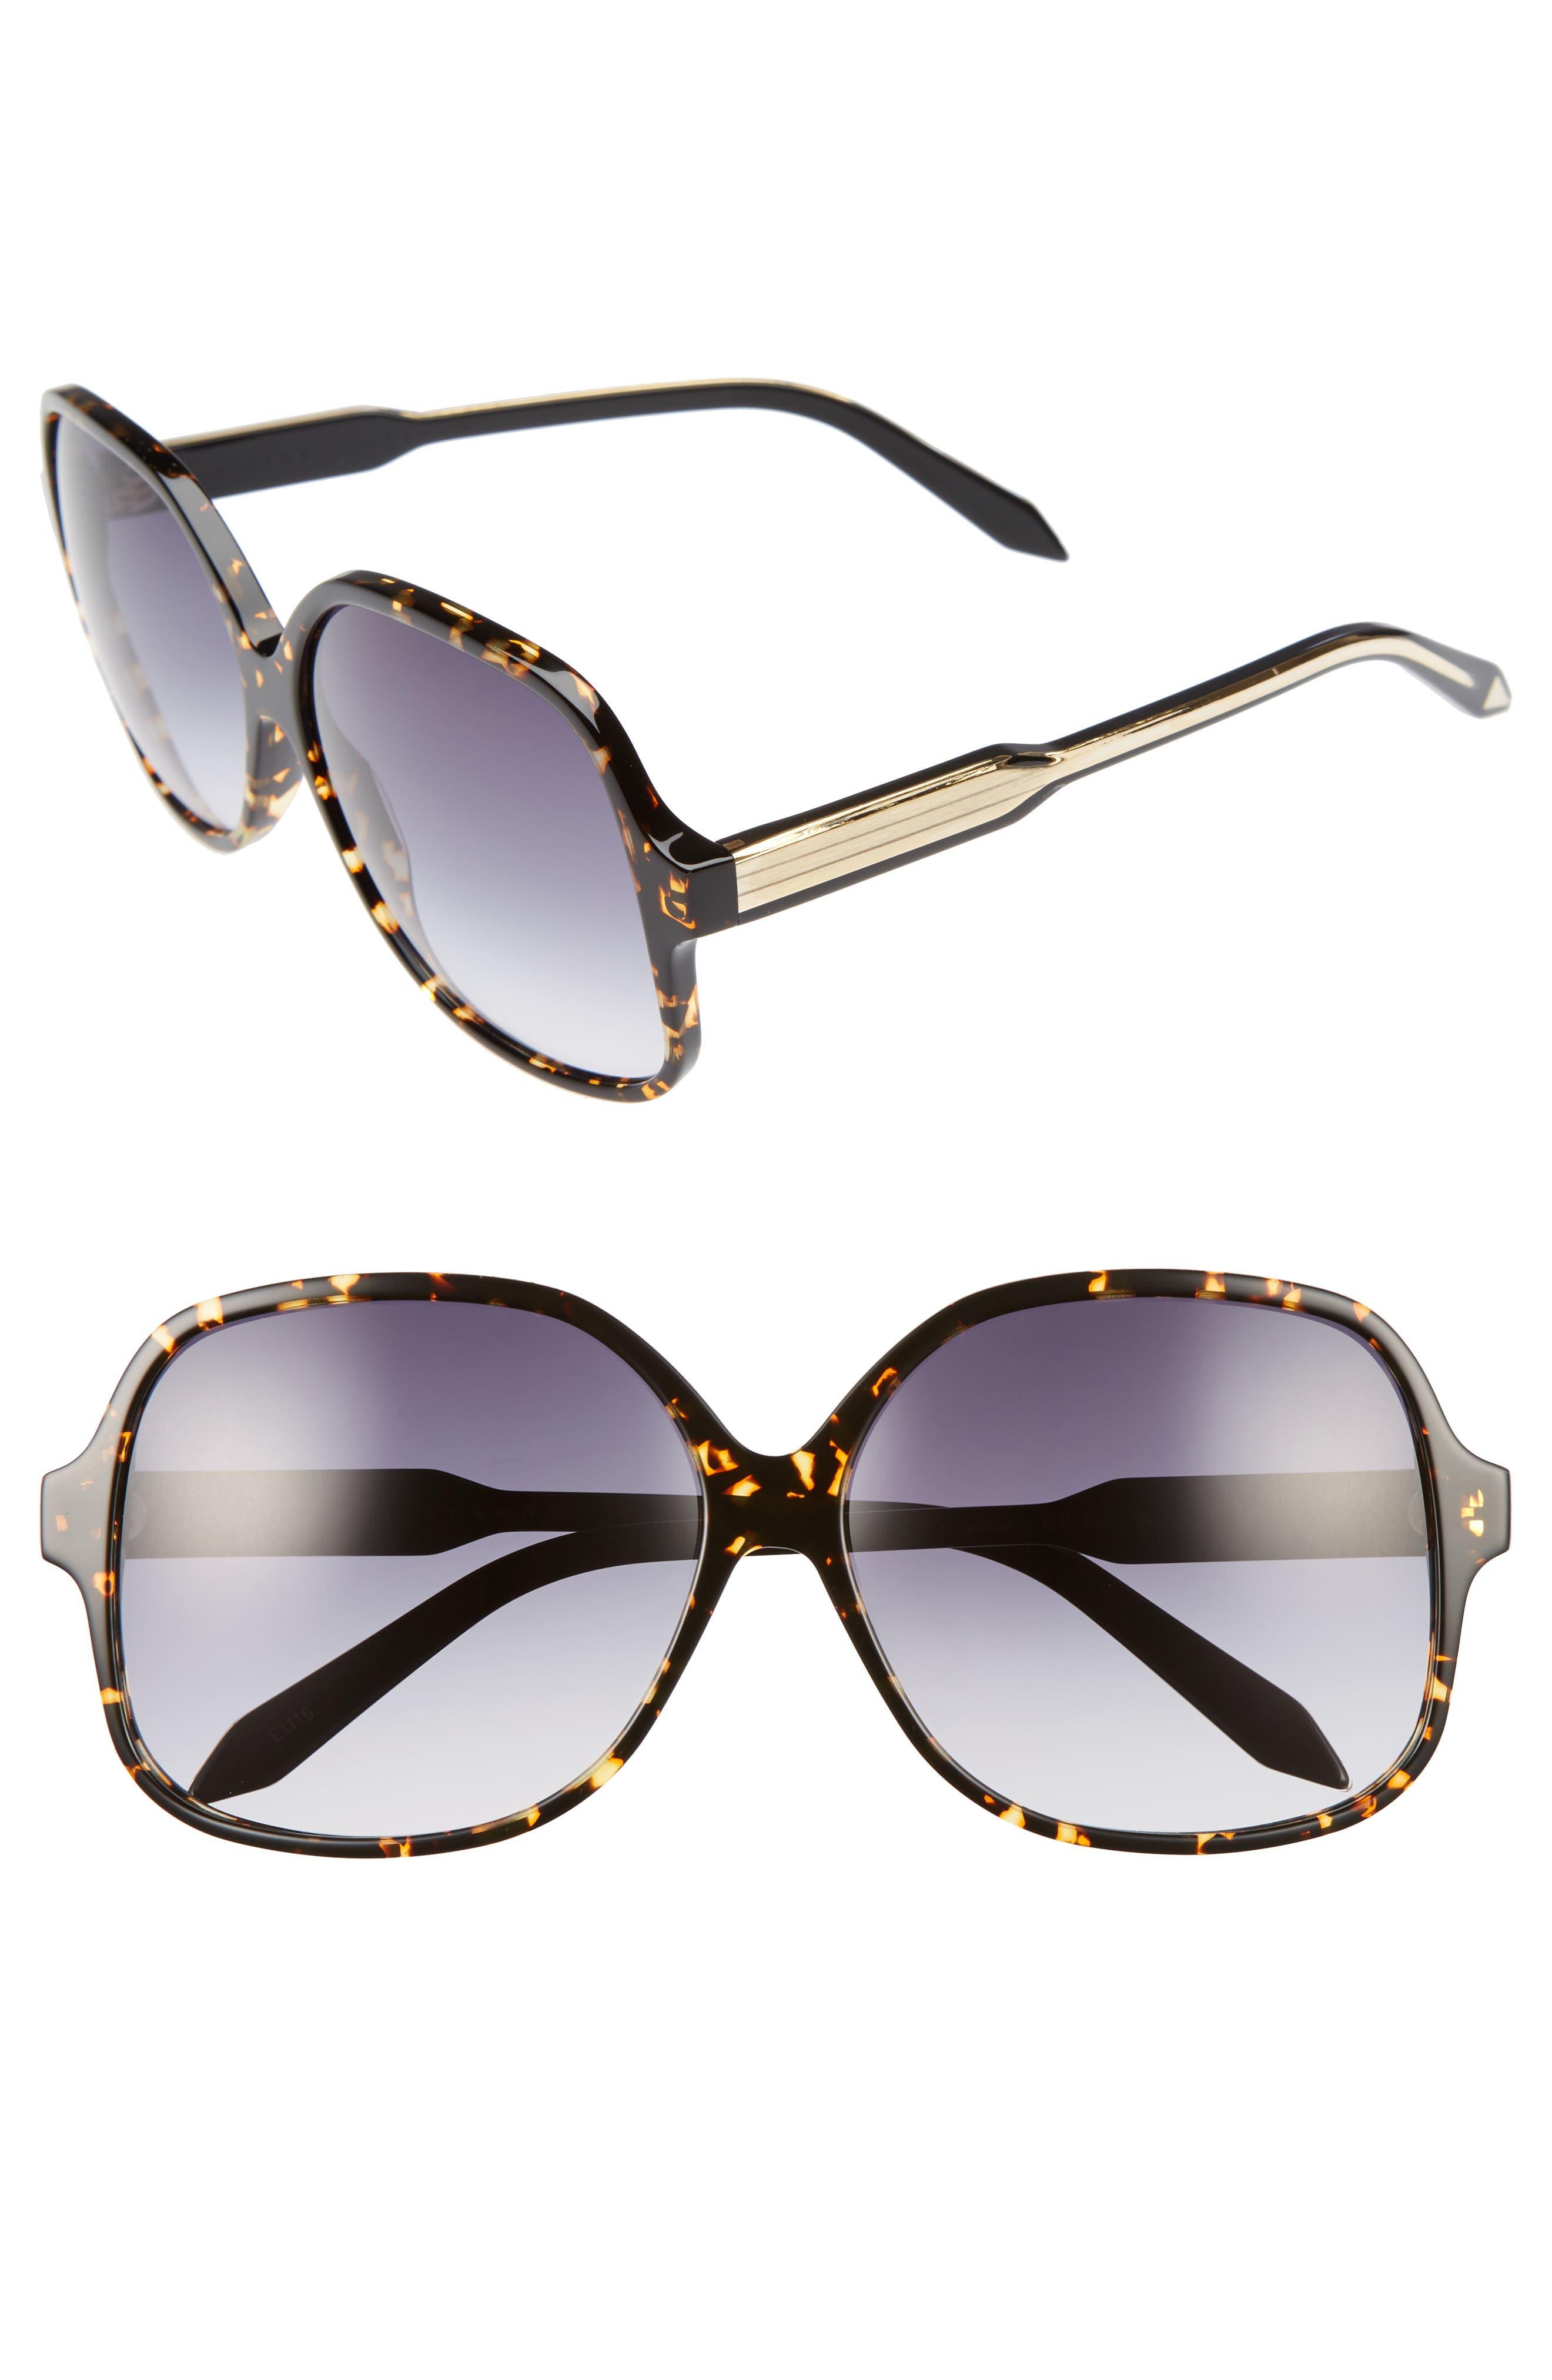 Main Image - Victoria Beckham Classic 61mm Gradient Lens Square Sunglasses